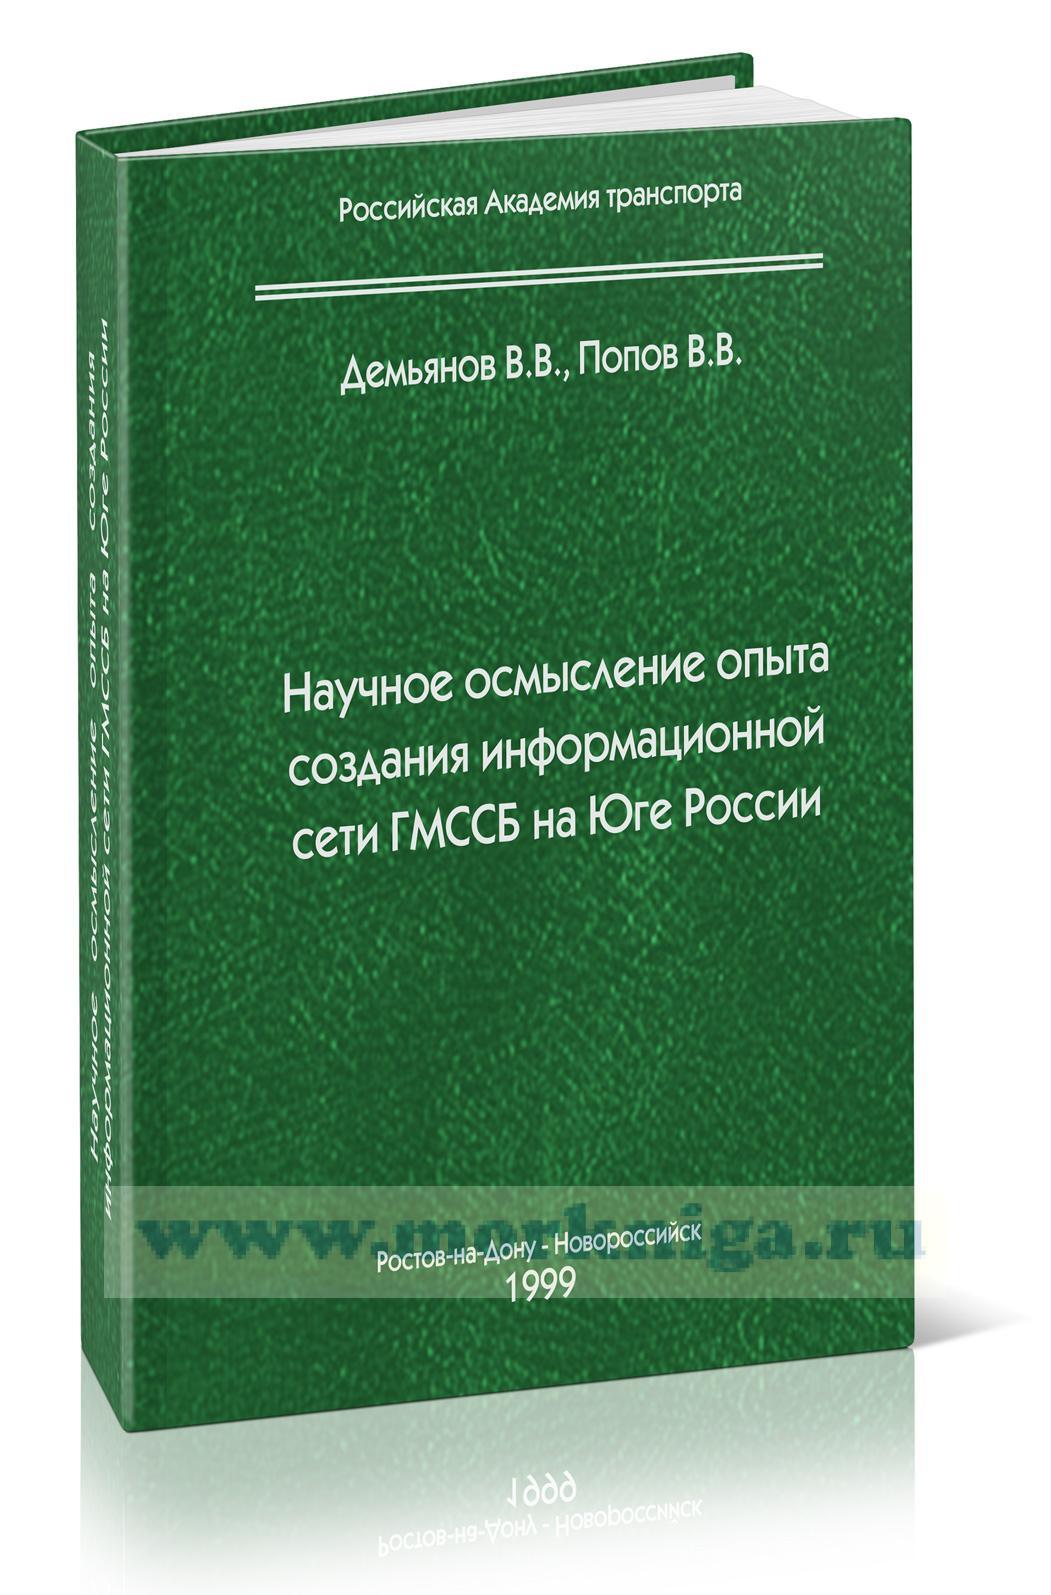 Научное осмысление опыта создания информационной сети ГМССБ на юге России